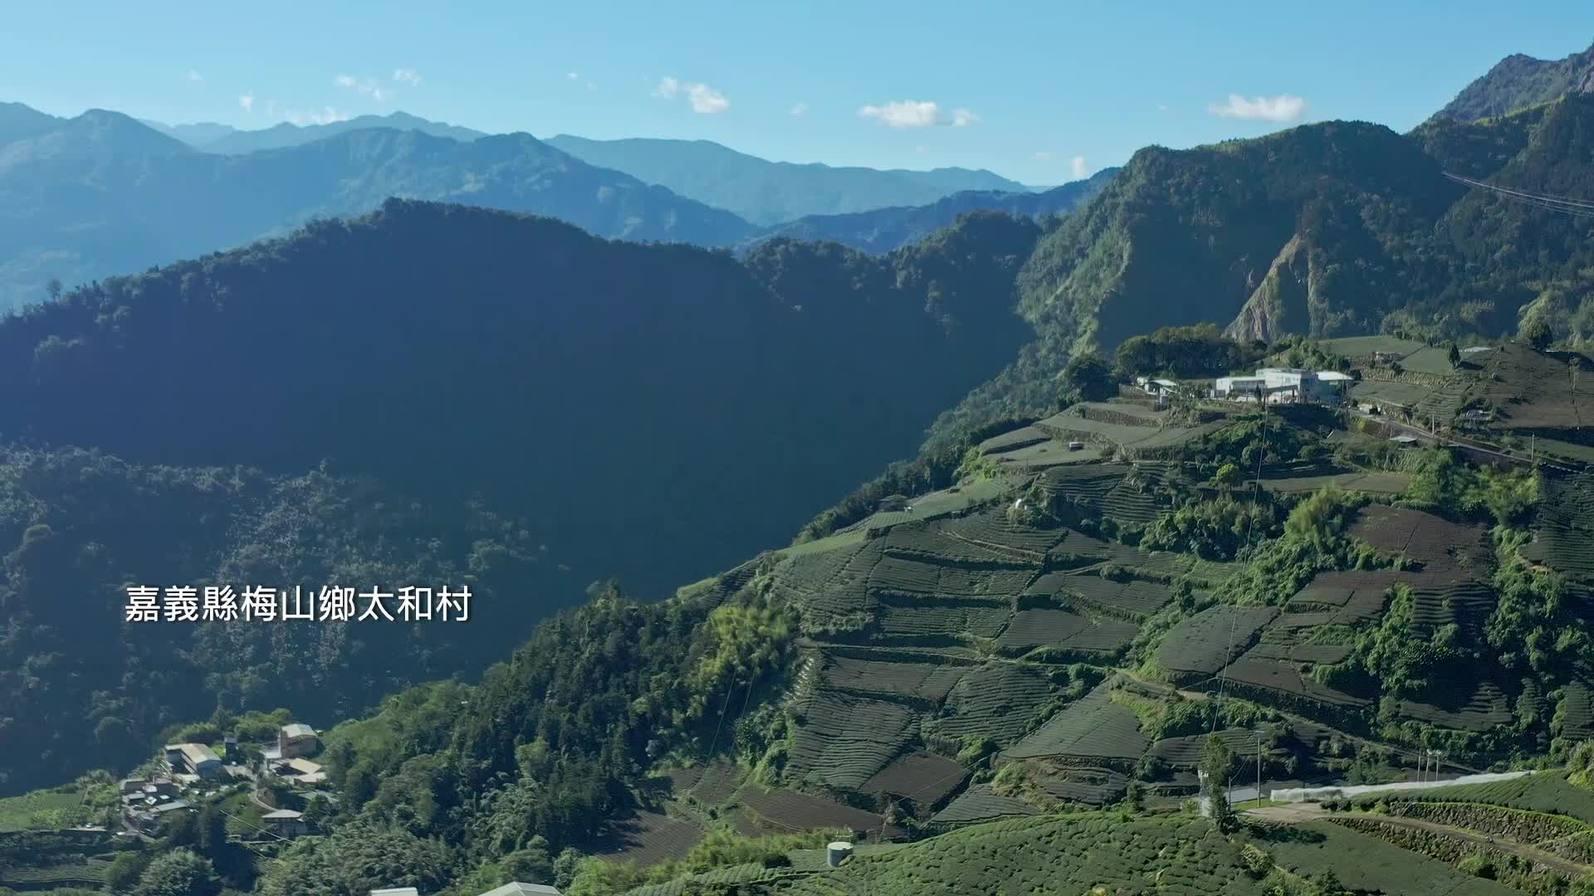 嘉義梅山鄉太和社區-自己起建築團(短版)